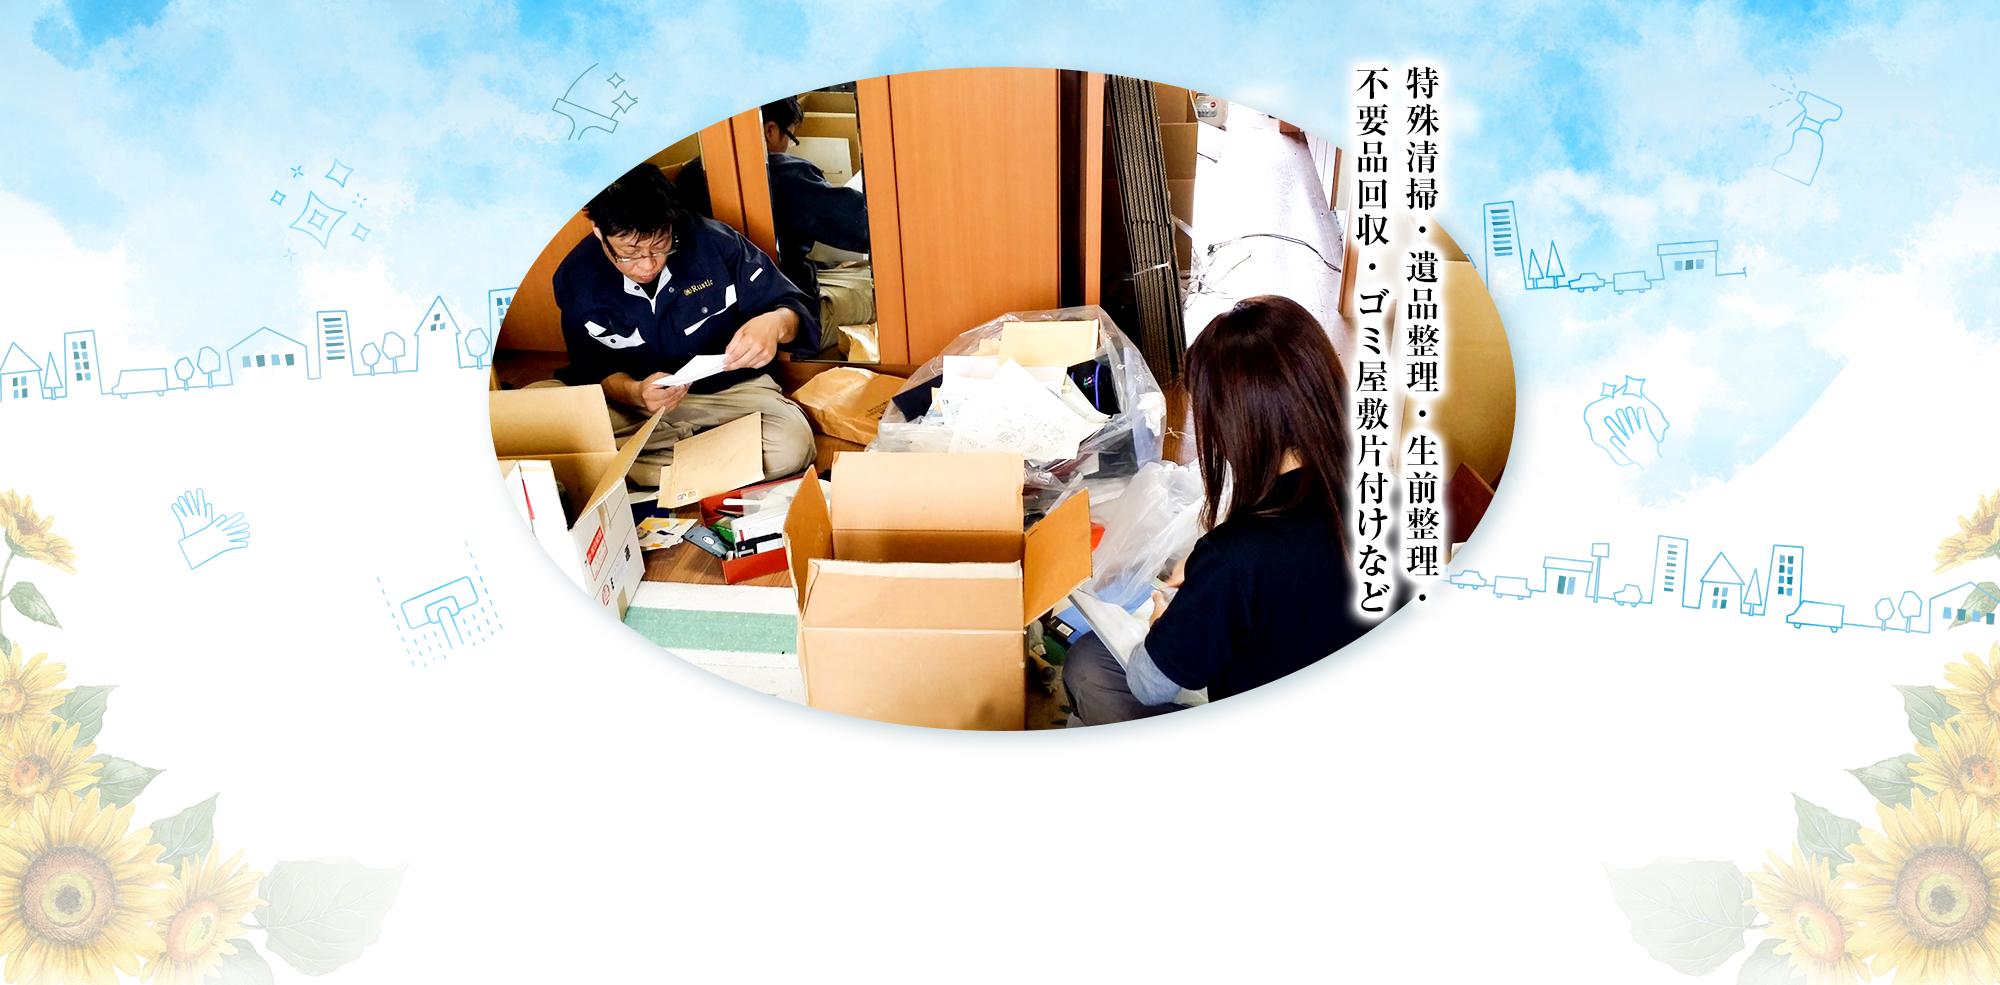 遺品整理・生前整理・不用品回収・ゴミ屋敷片付け・特殊清掃など